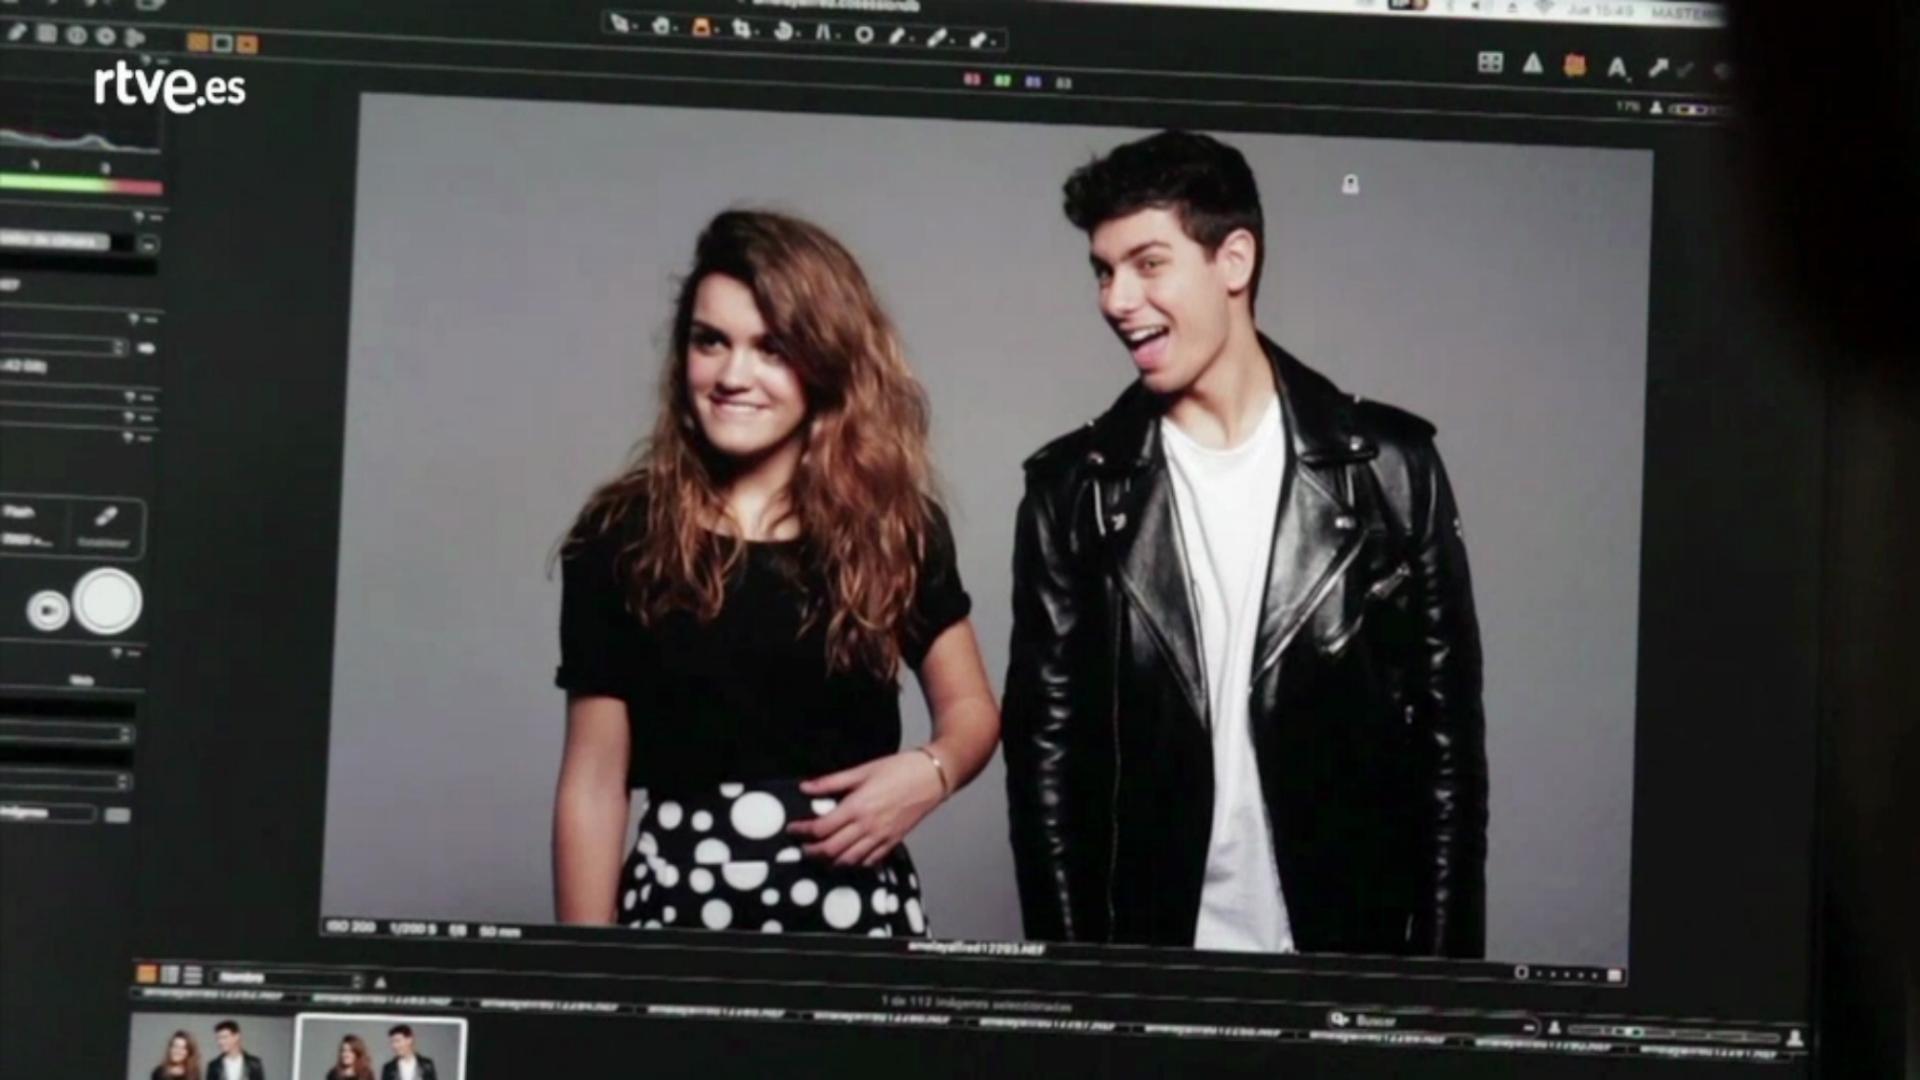 Primeras imágenes oficiales de Alfred y Amaia para Eurovisión 2018